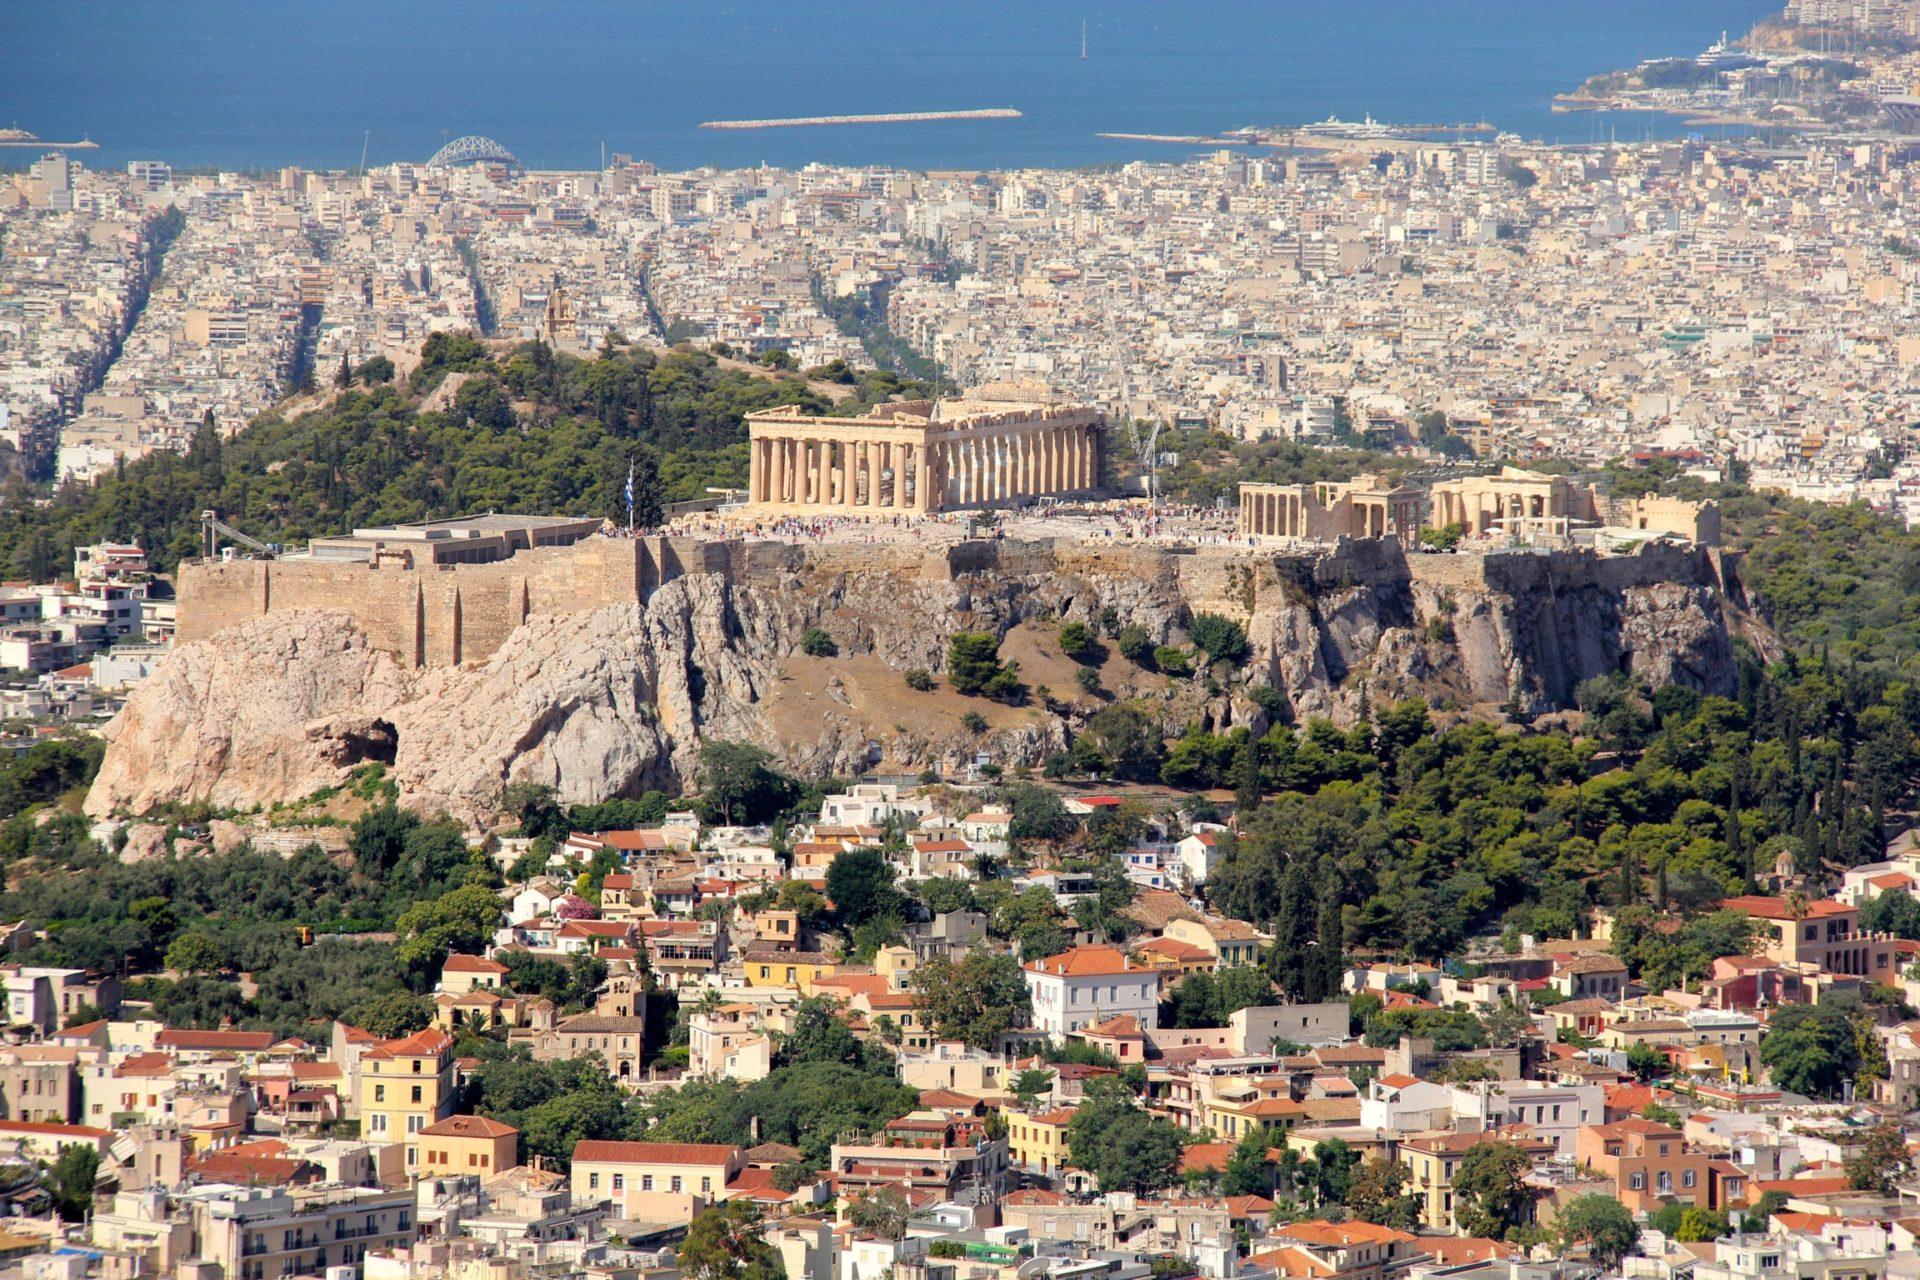 Wassertemperatur Athen: Akropolis von Athen mit Parthenon, im Hintergrund das Mittelmeer